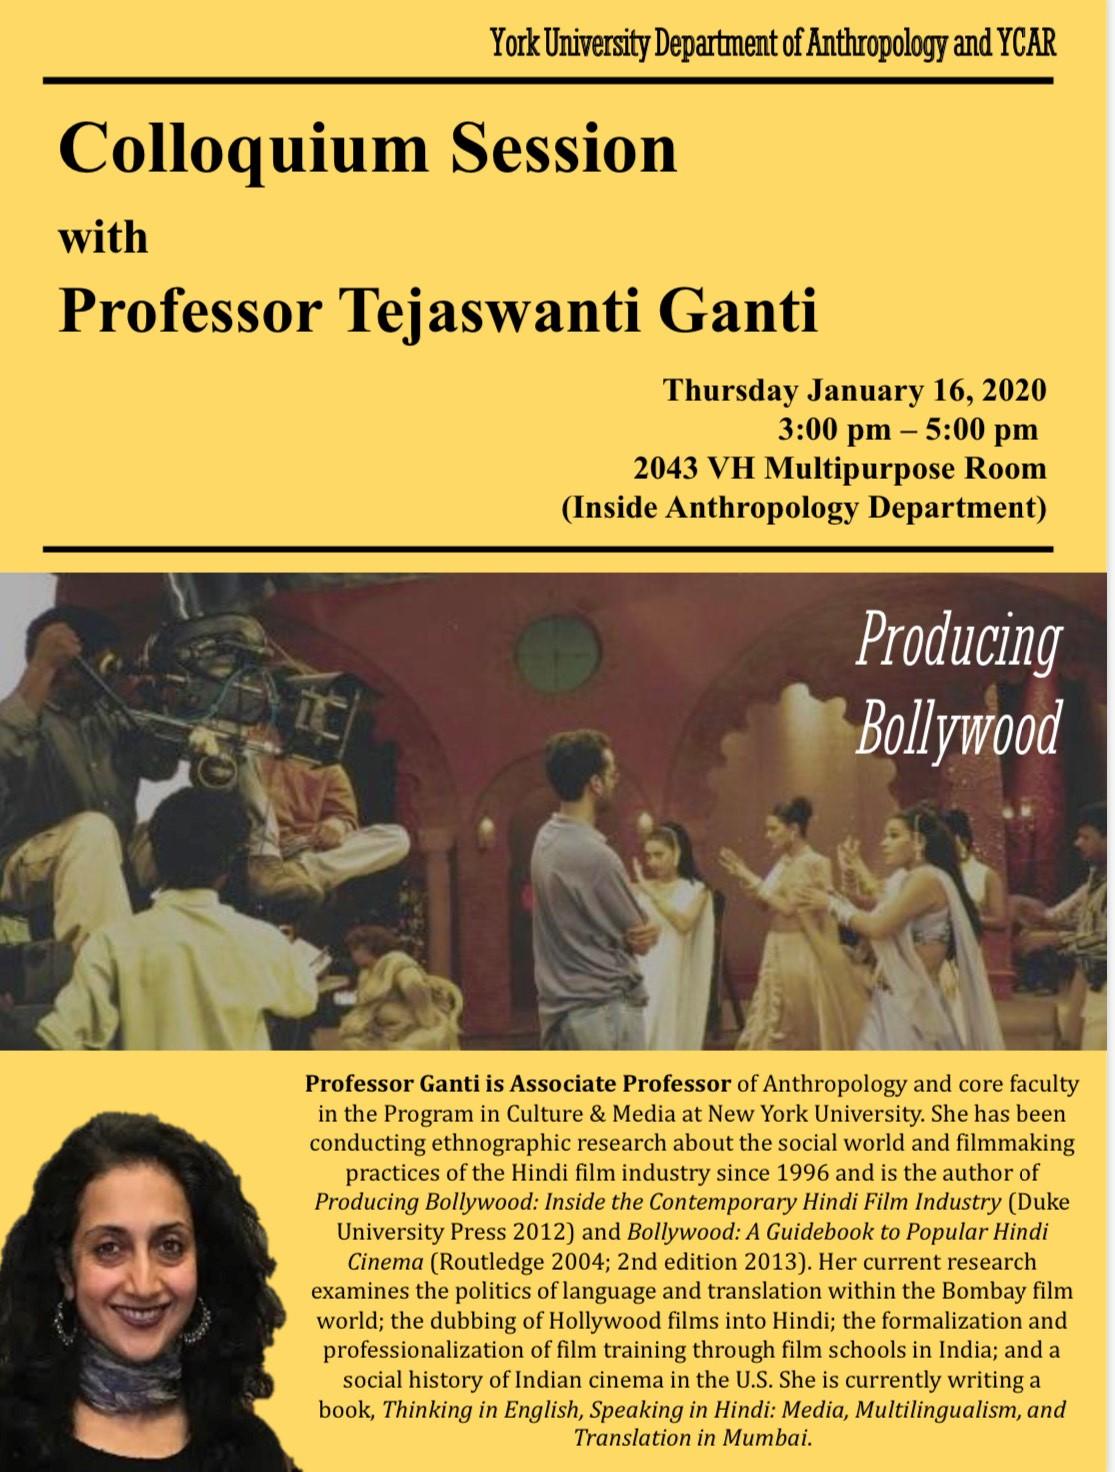 Colloquium Session with Professor Tejaswanti Ganti